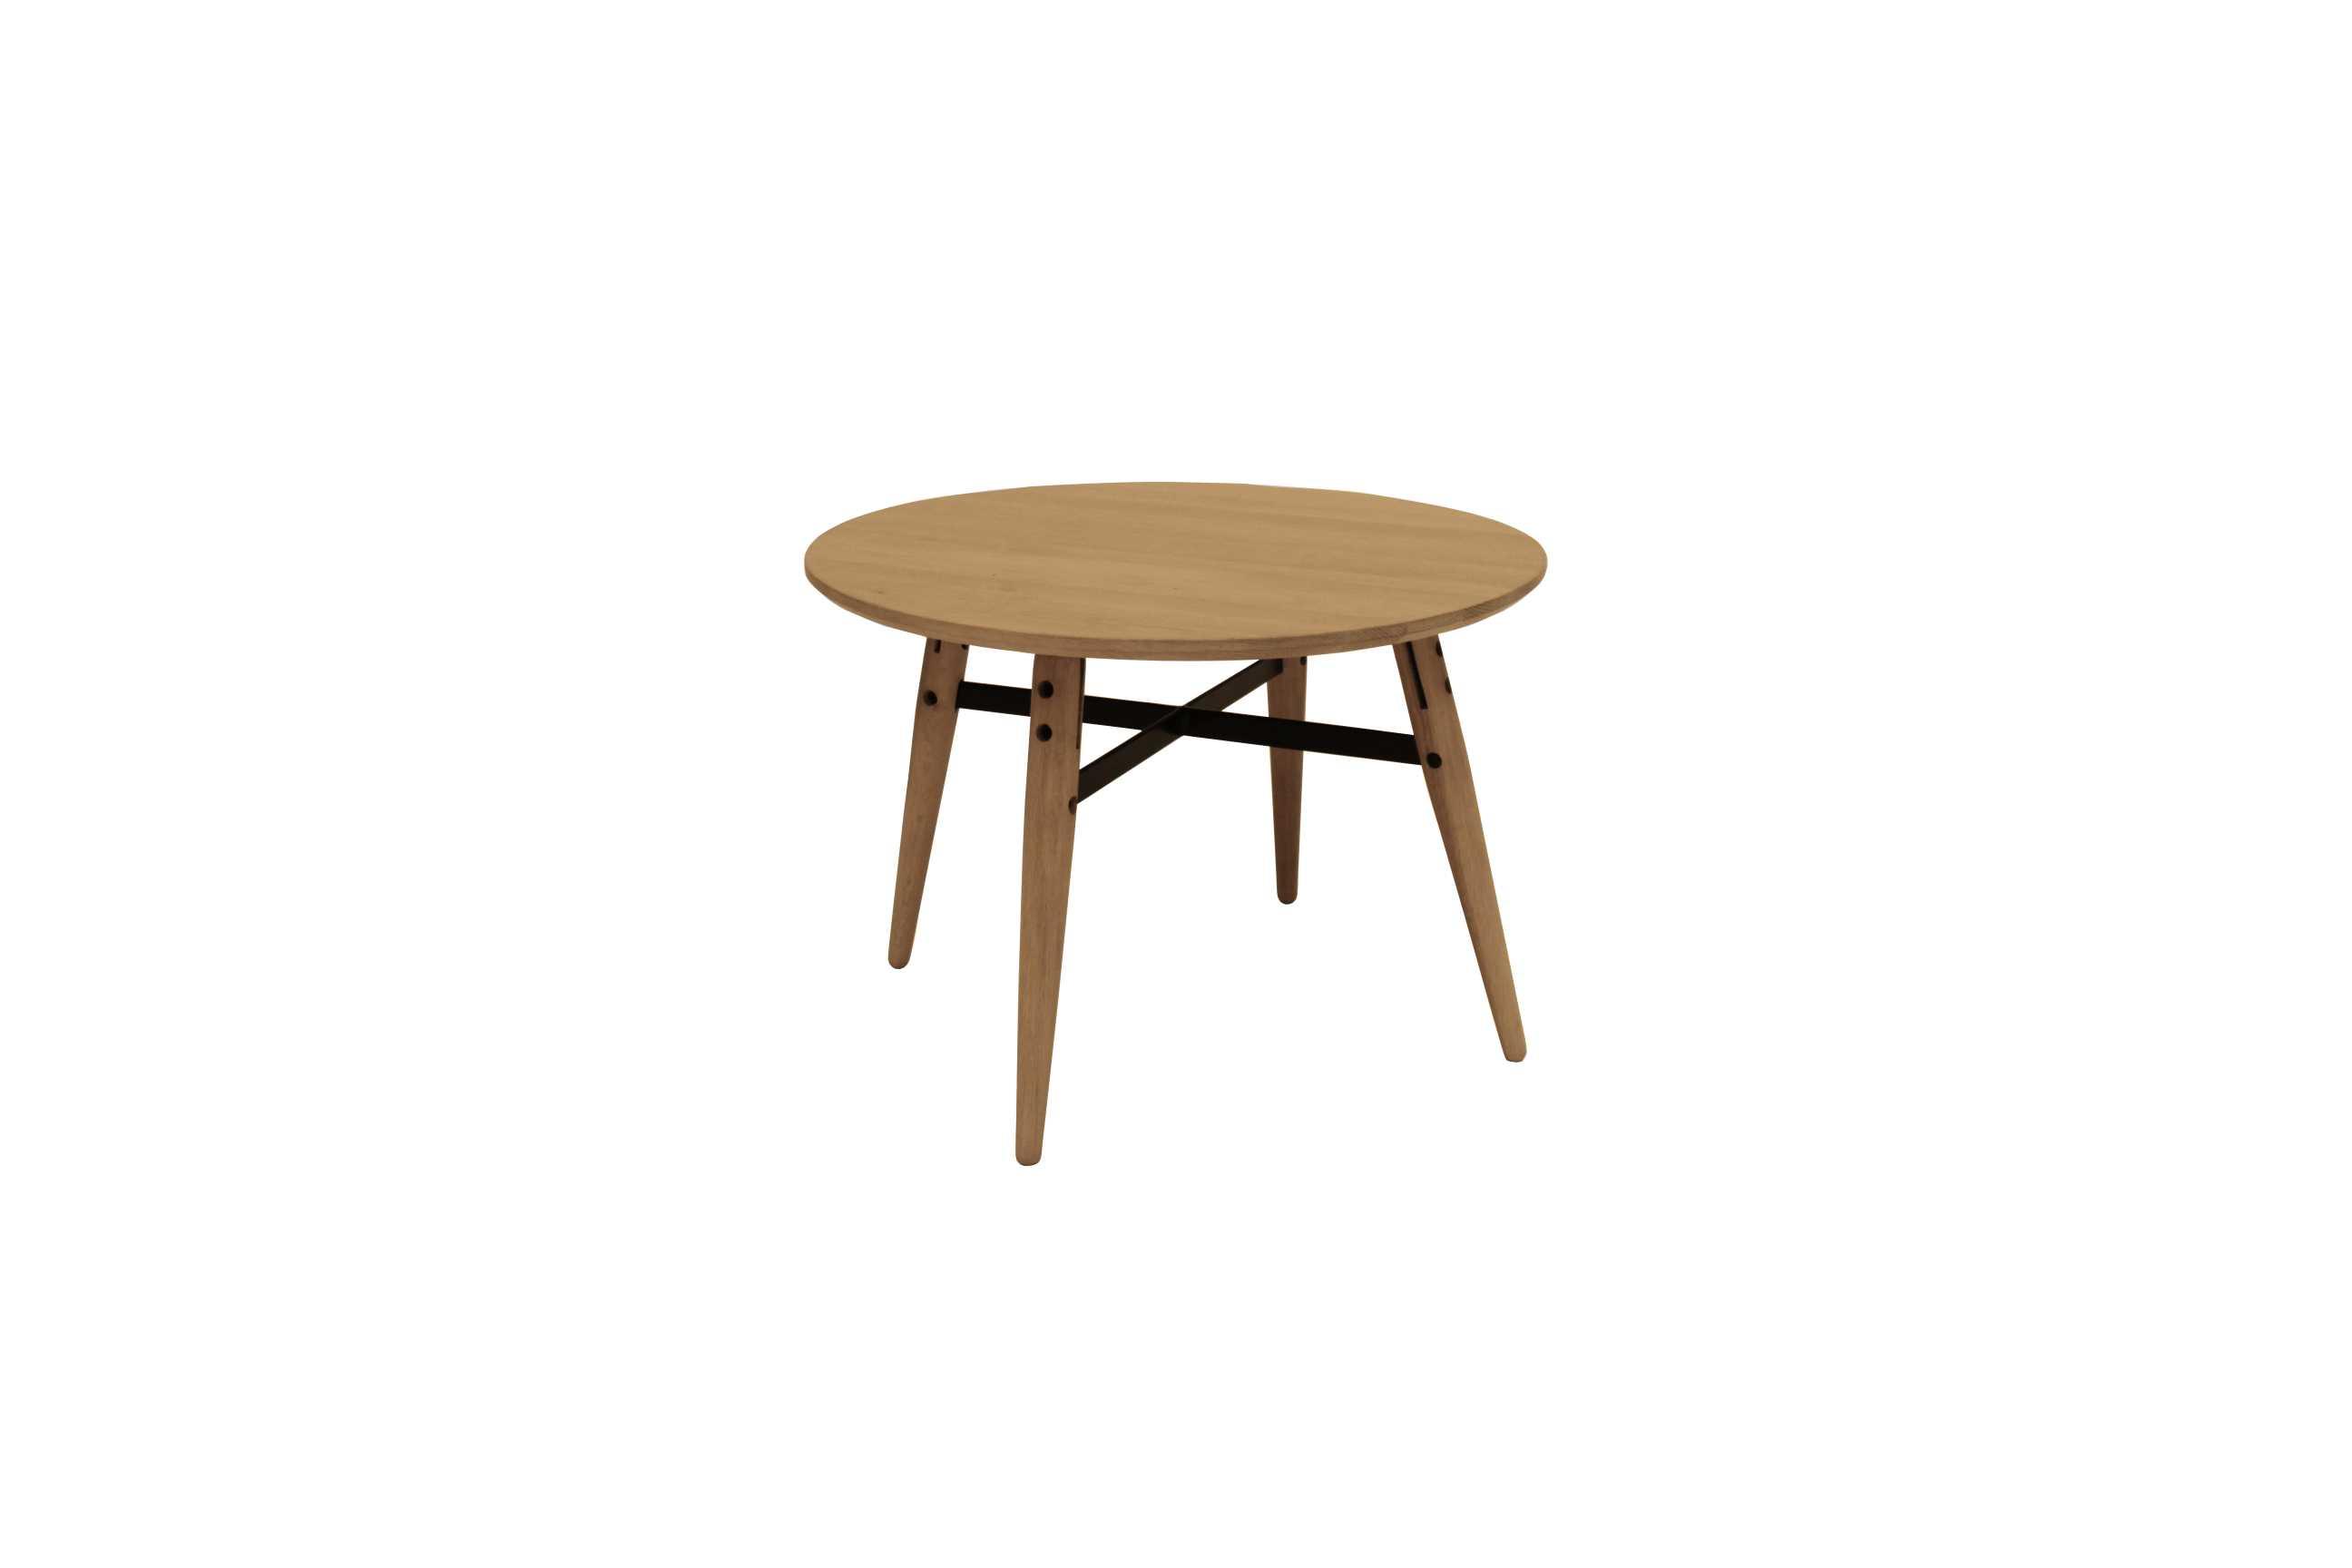 canett Exact sofabord fra boboonline.dk